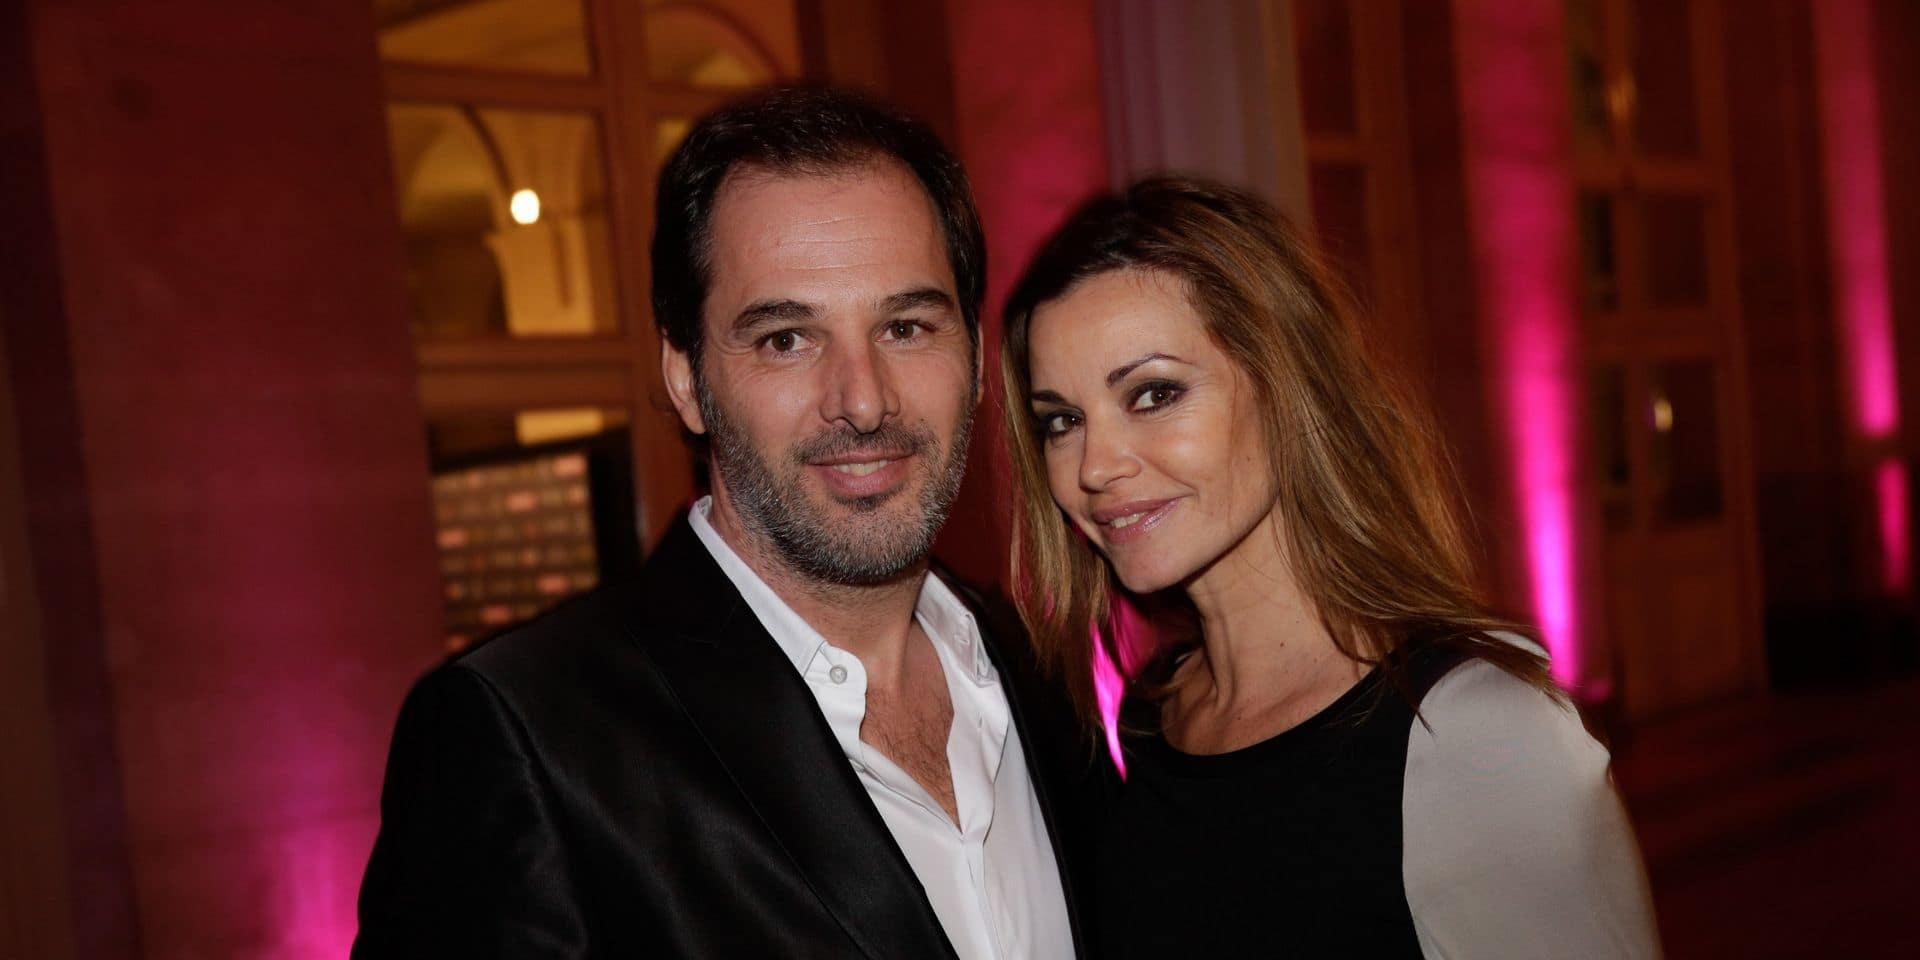 Après près de dix ans de mariage, Ingrid Chauvin se sépare de son mari